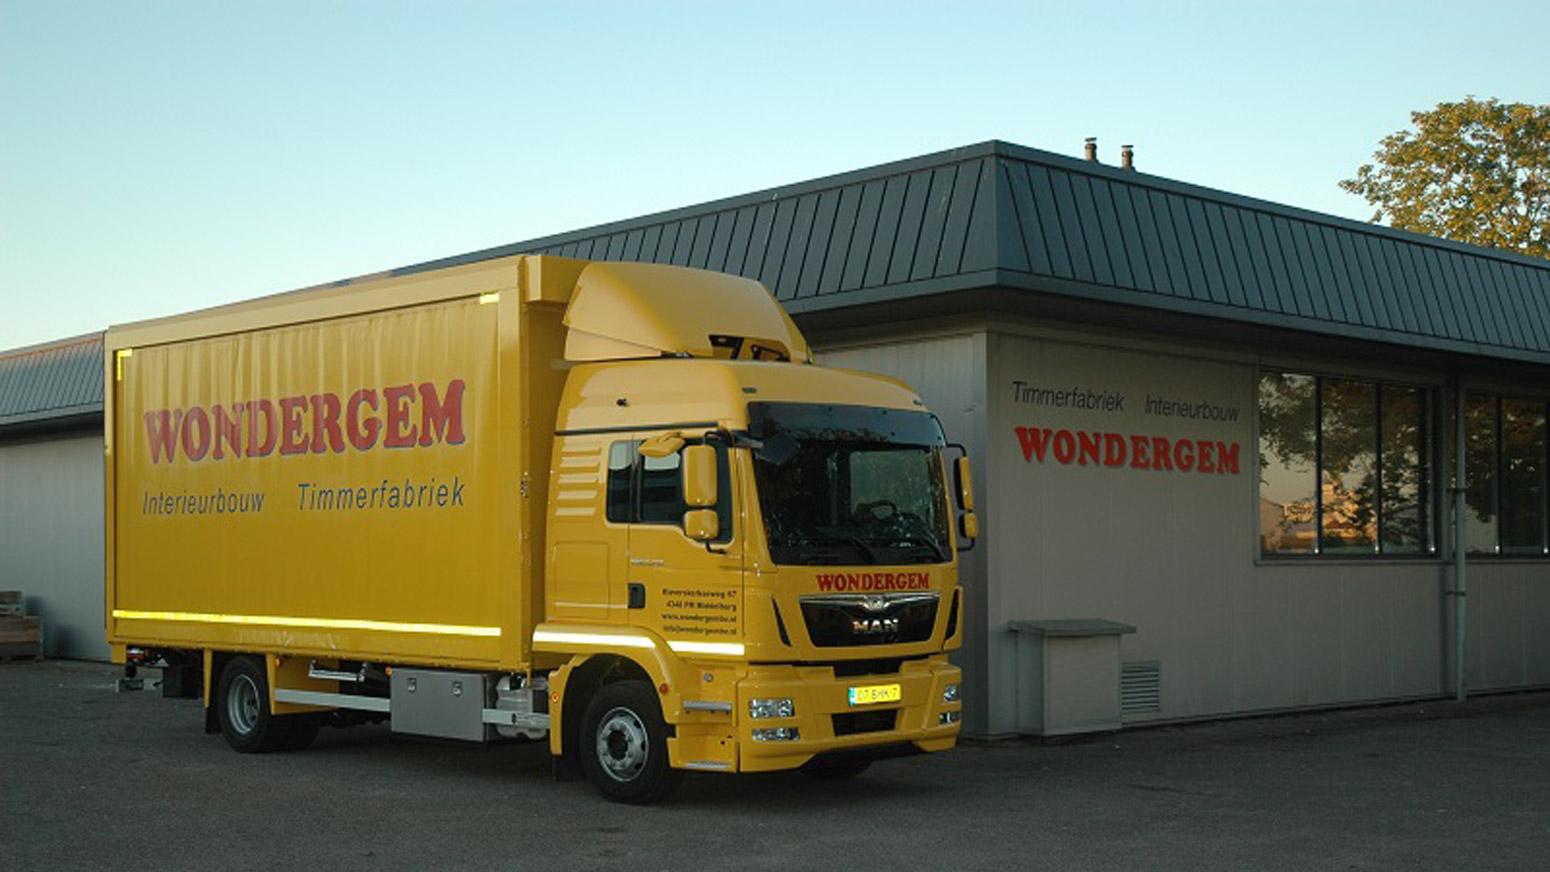 Foto Van Gebouw En Vrachtwagen Wondergem Timmerfabriek En Interieurbouw